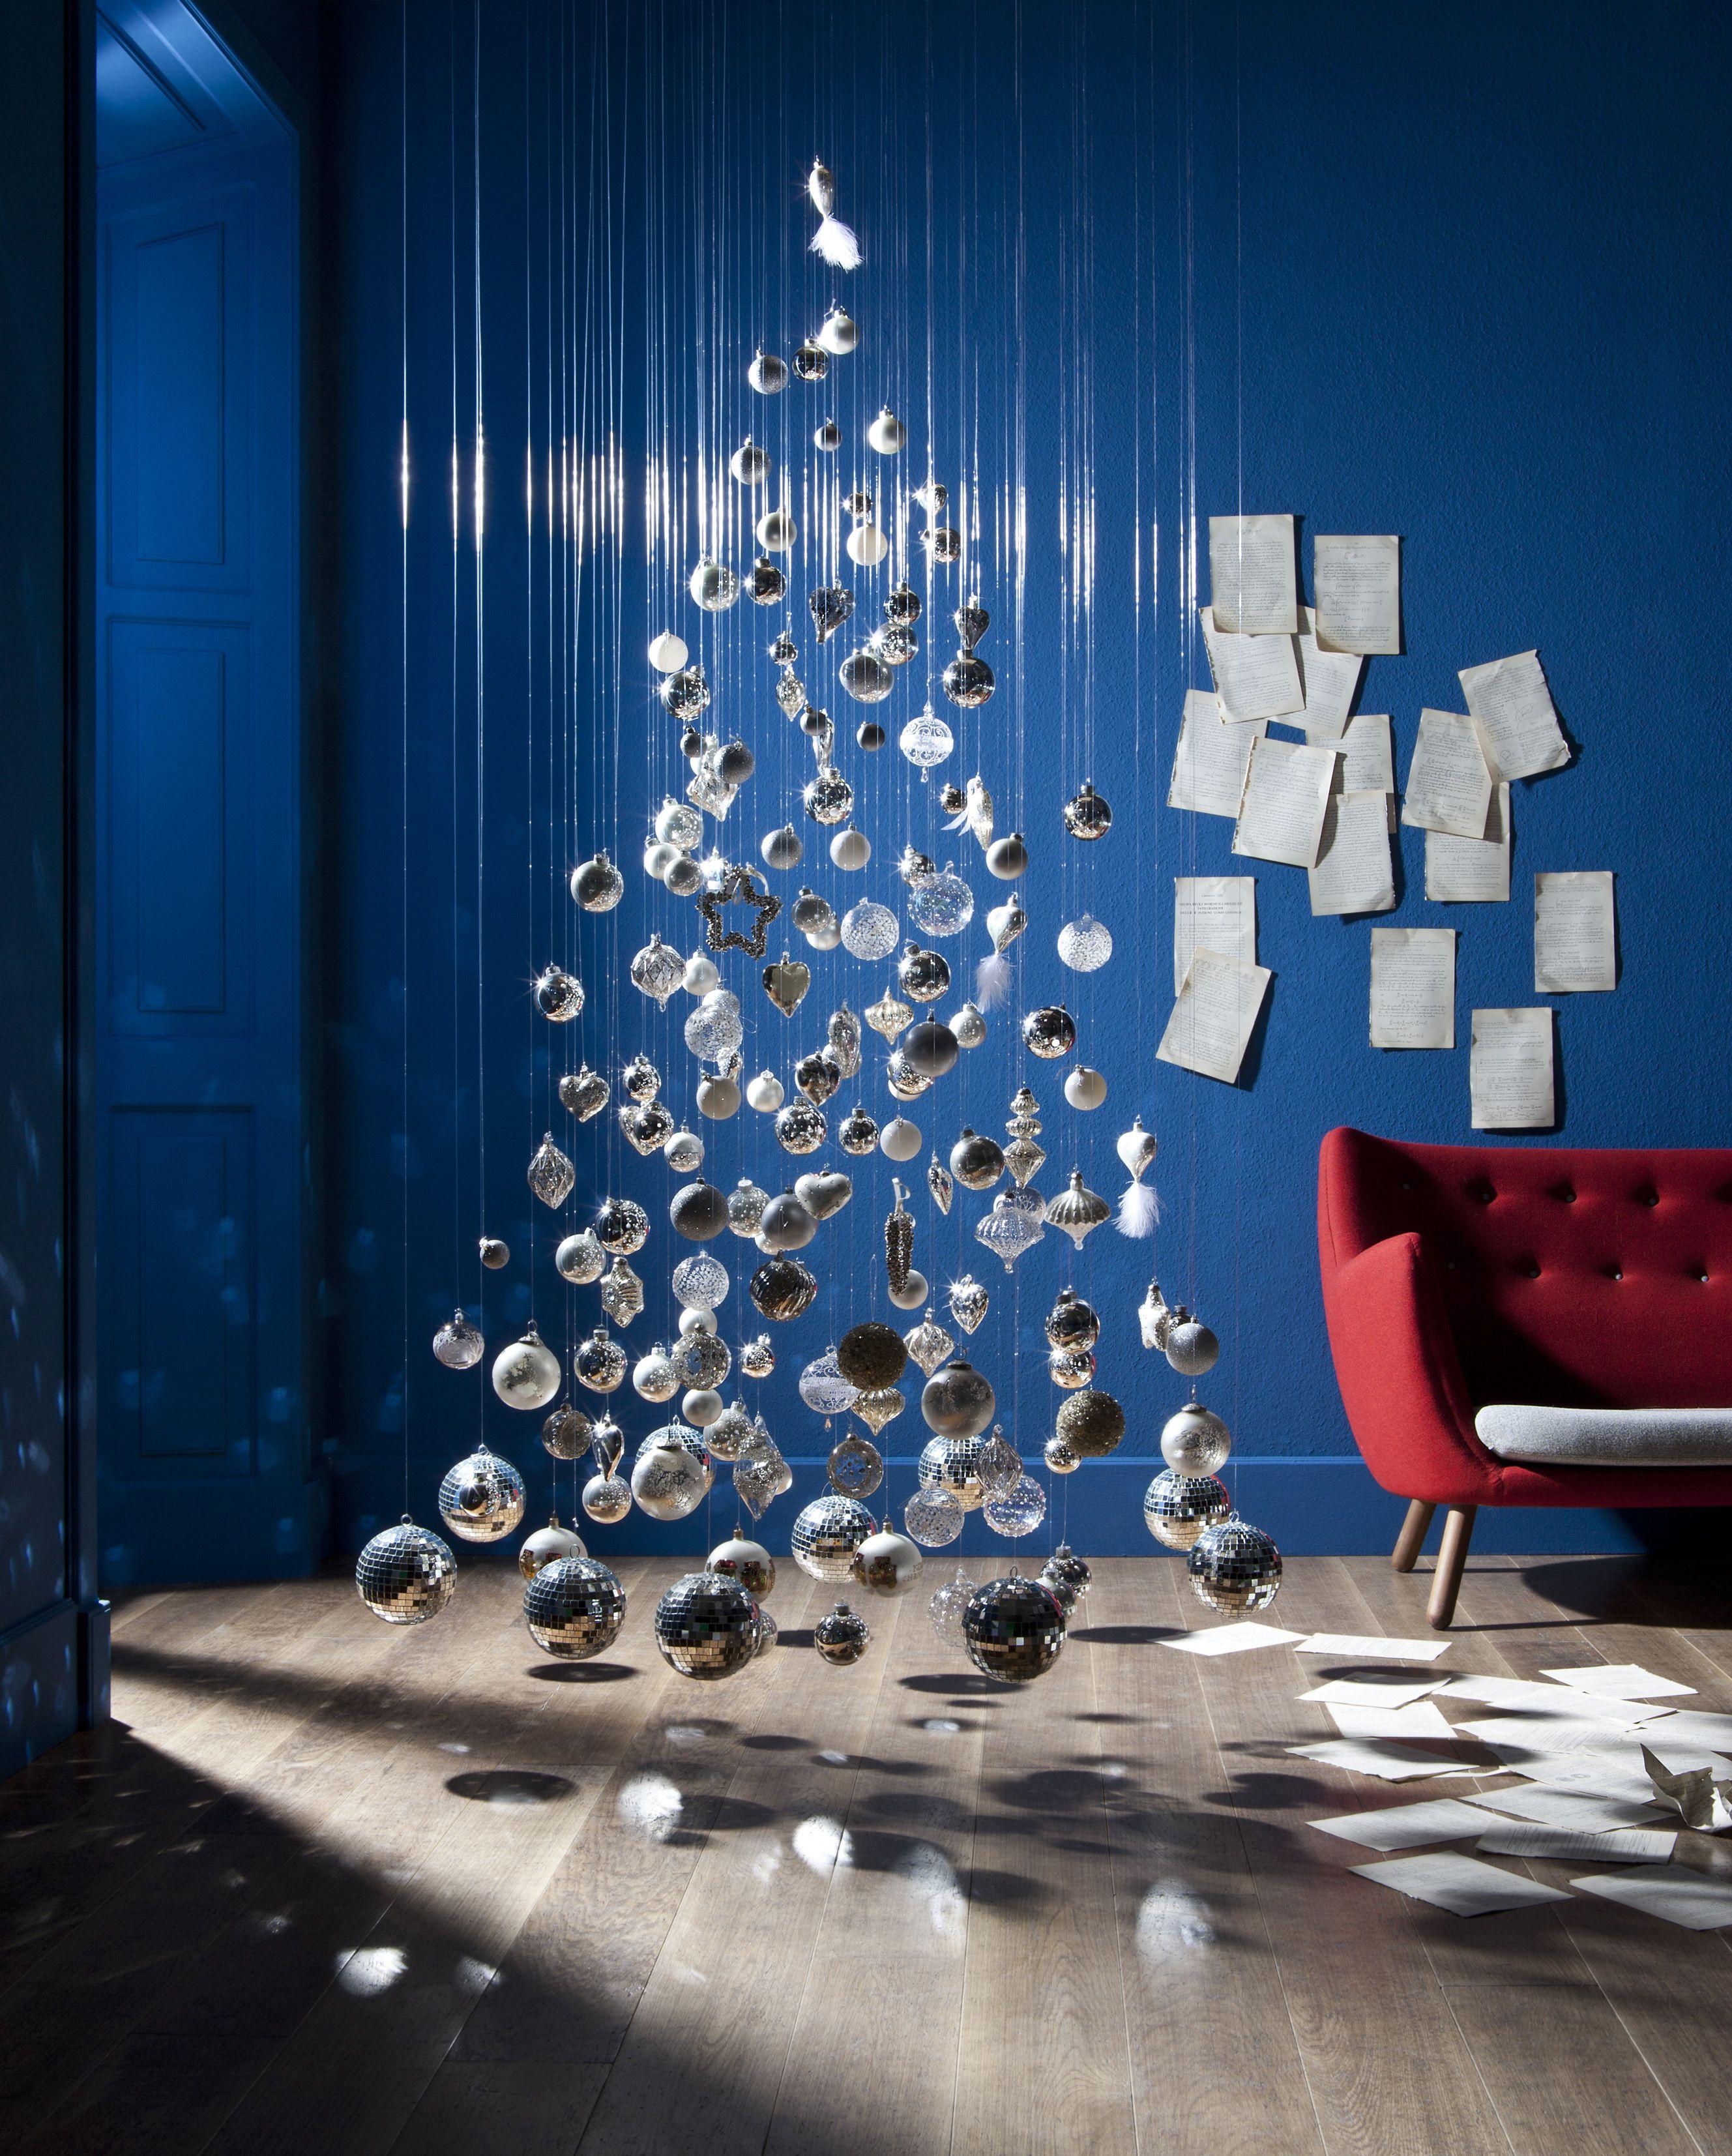 Idee Creative Per Natale 20 idee creative per addobbare l'albero di natale low cost